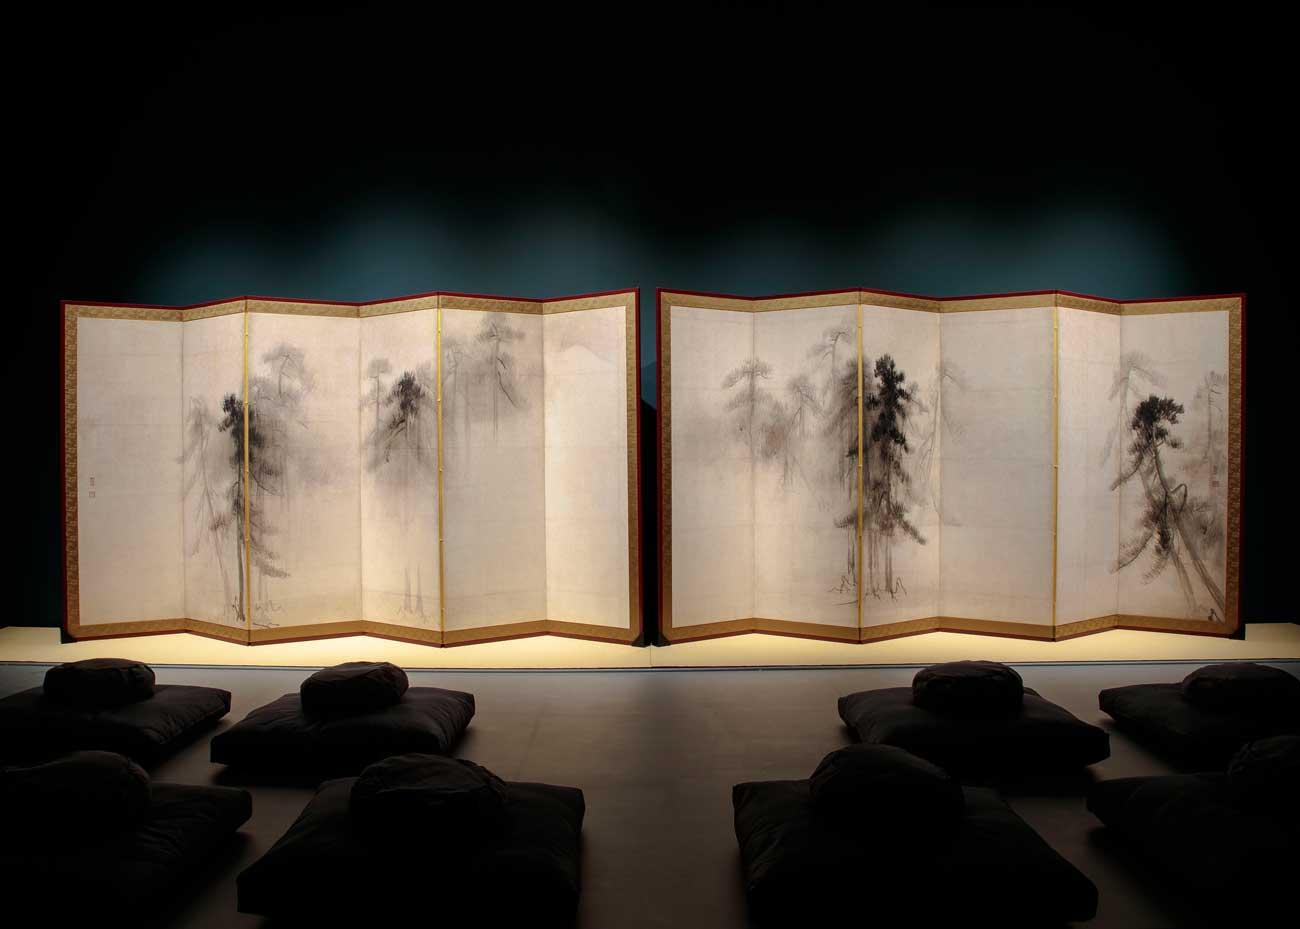 © Richard Goodbody, Pines Screen by Hasegawa Tohaku at the Japan Society